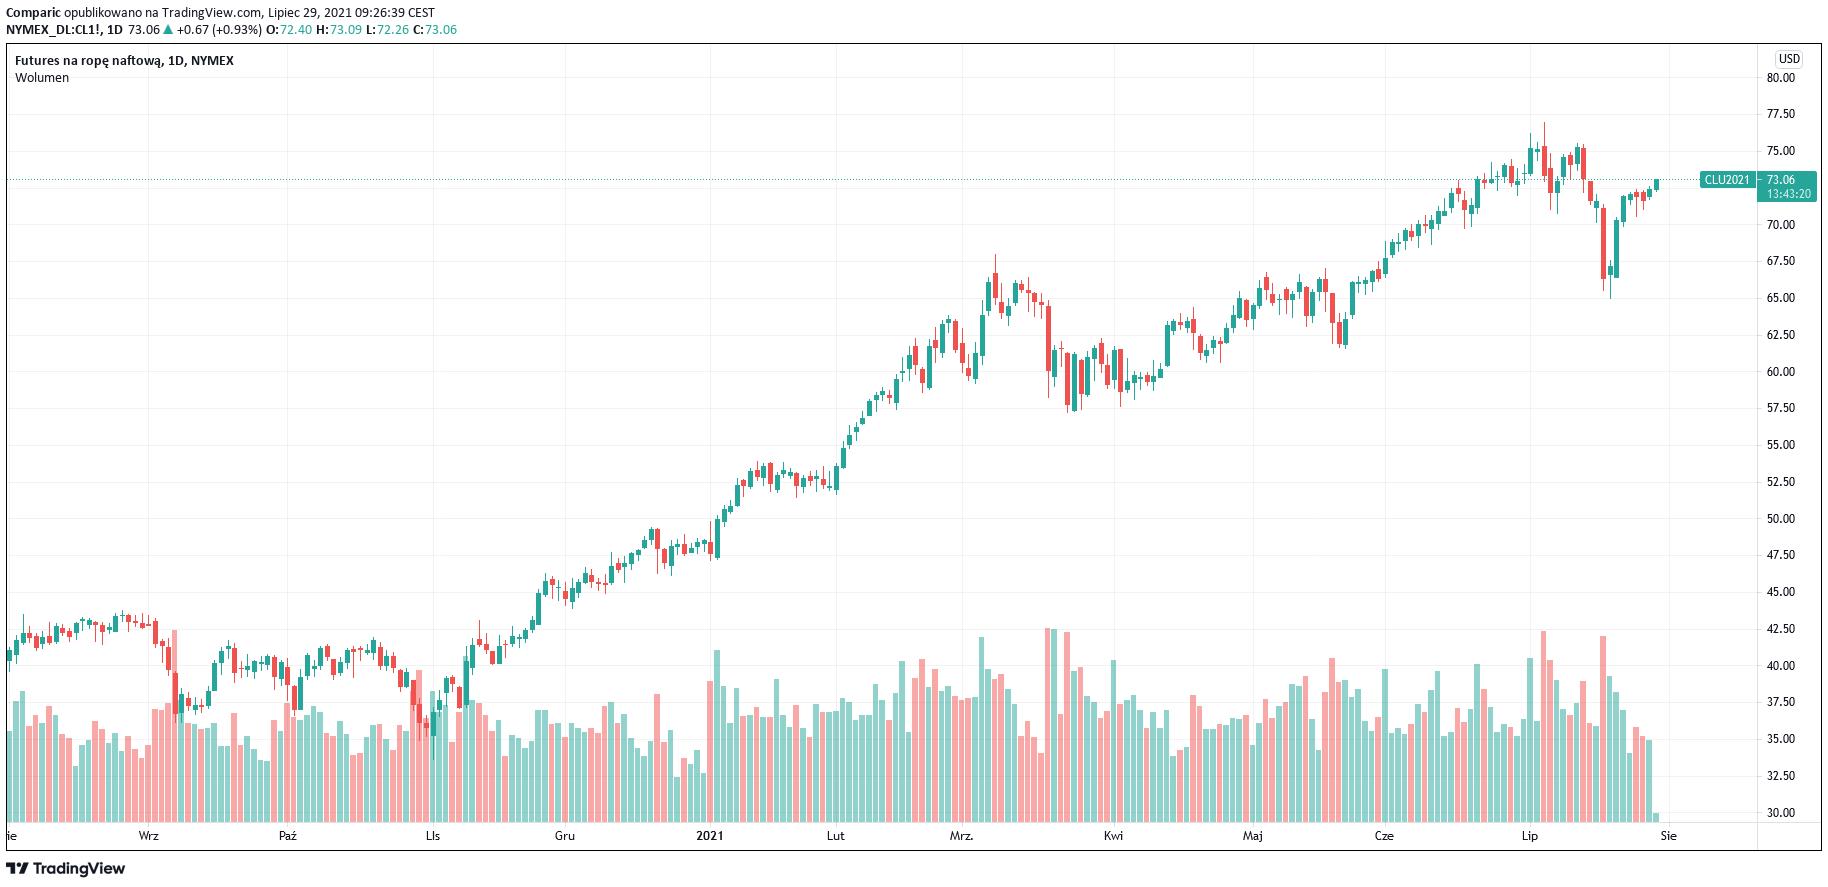 Cena ropy WTI przebiła 73 dol. bbl., rezerwy w USA na poziomach sprzed pandemii